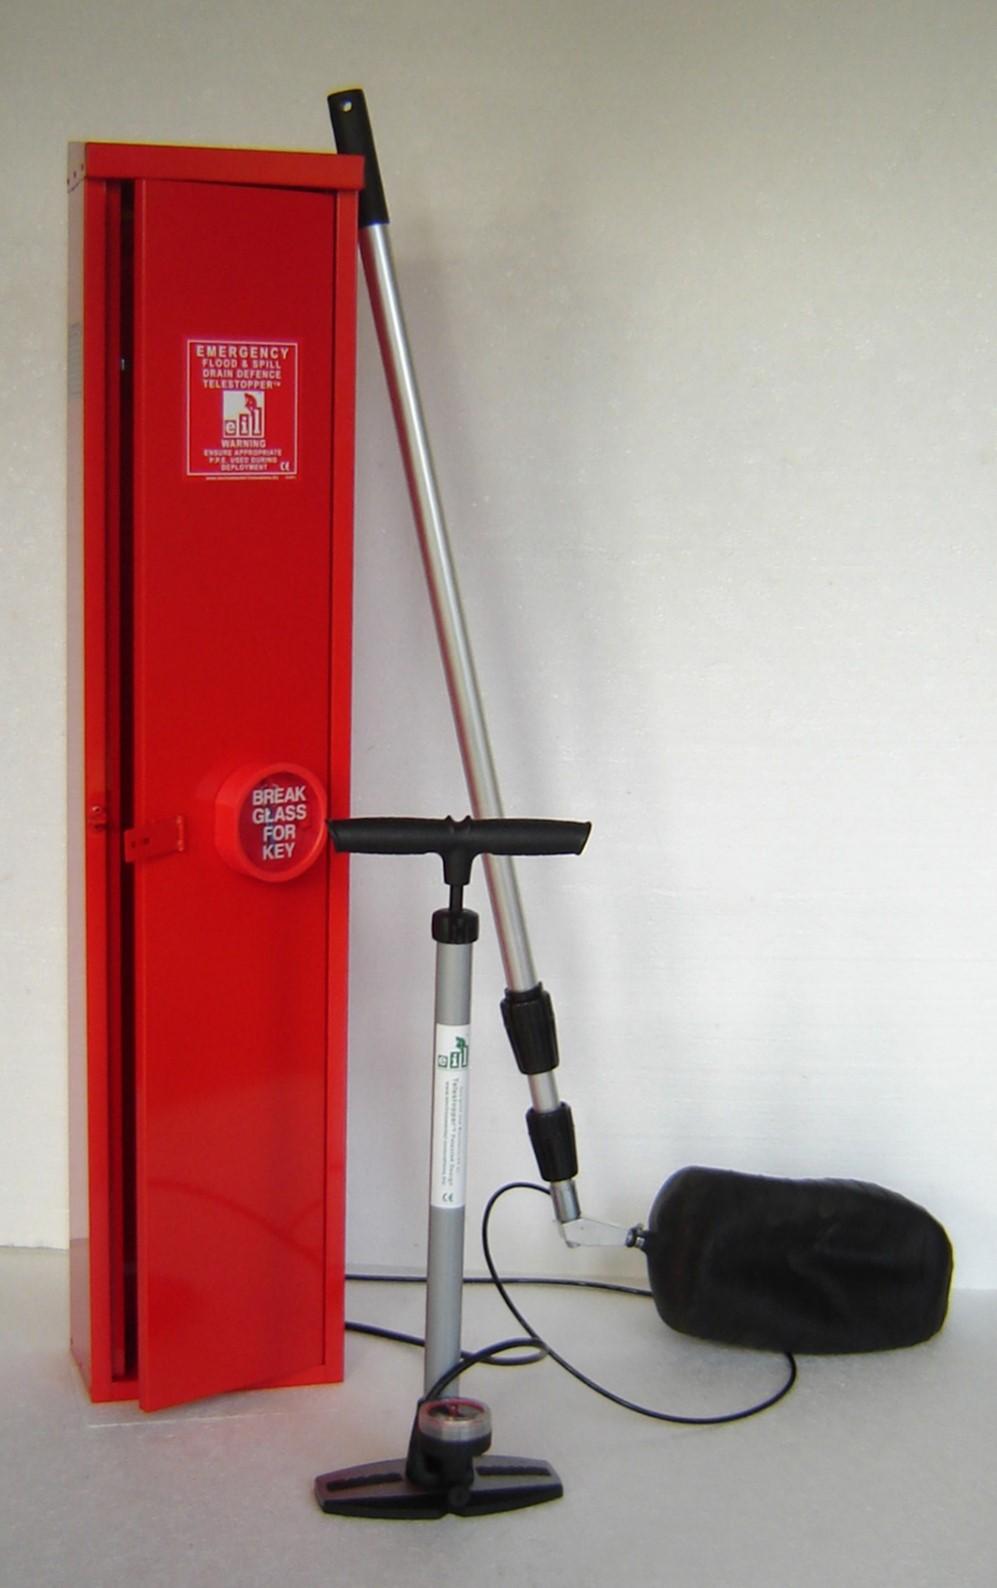 TelestopperTM Portable Emergency Spill Protection